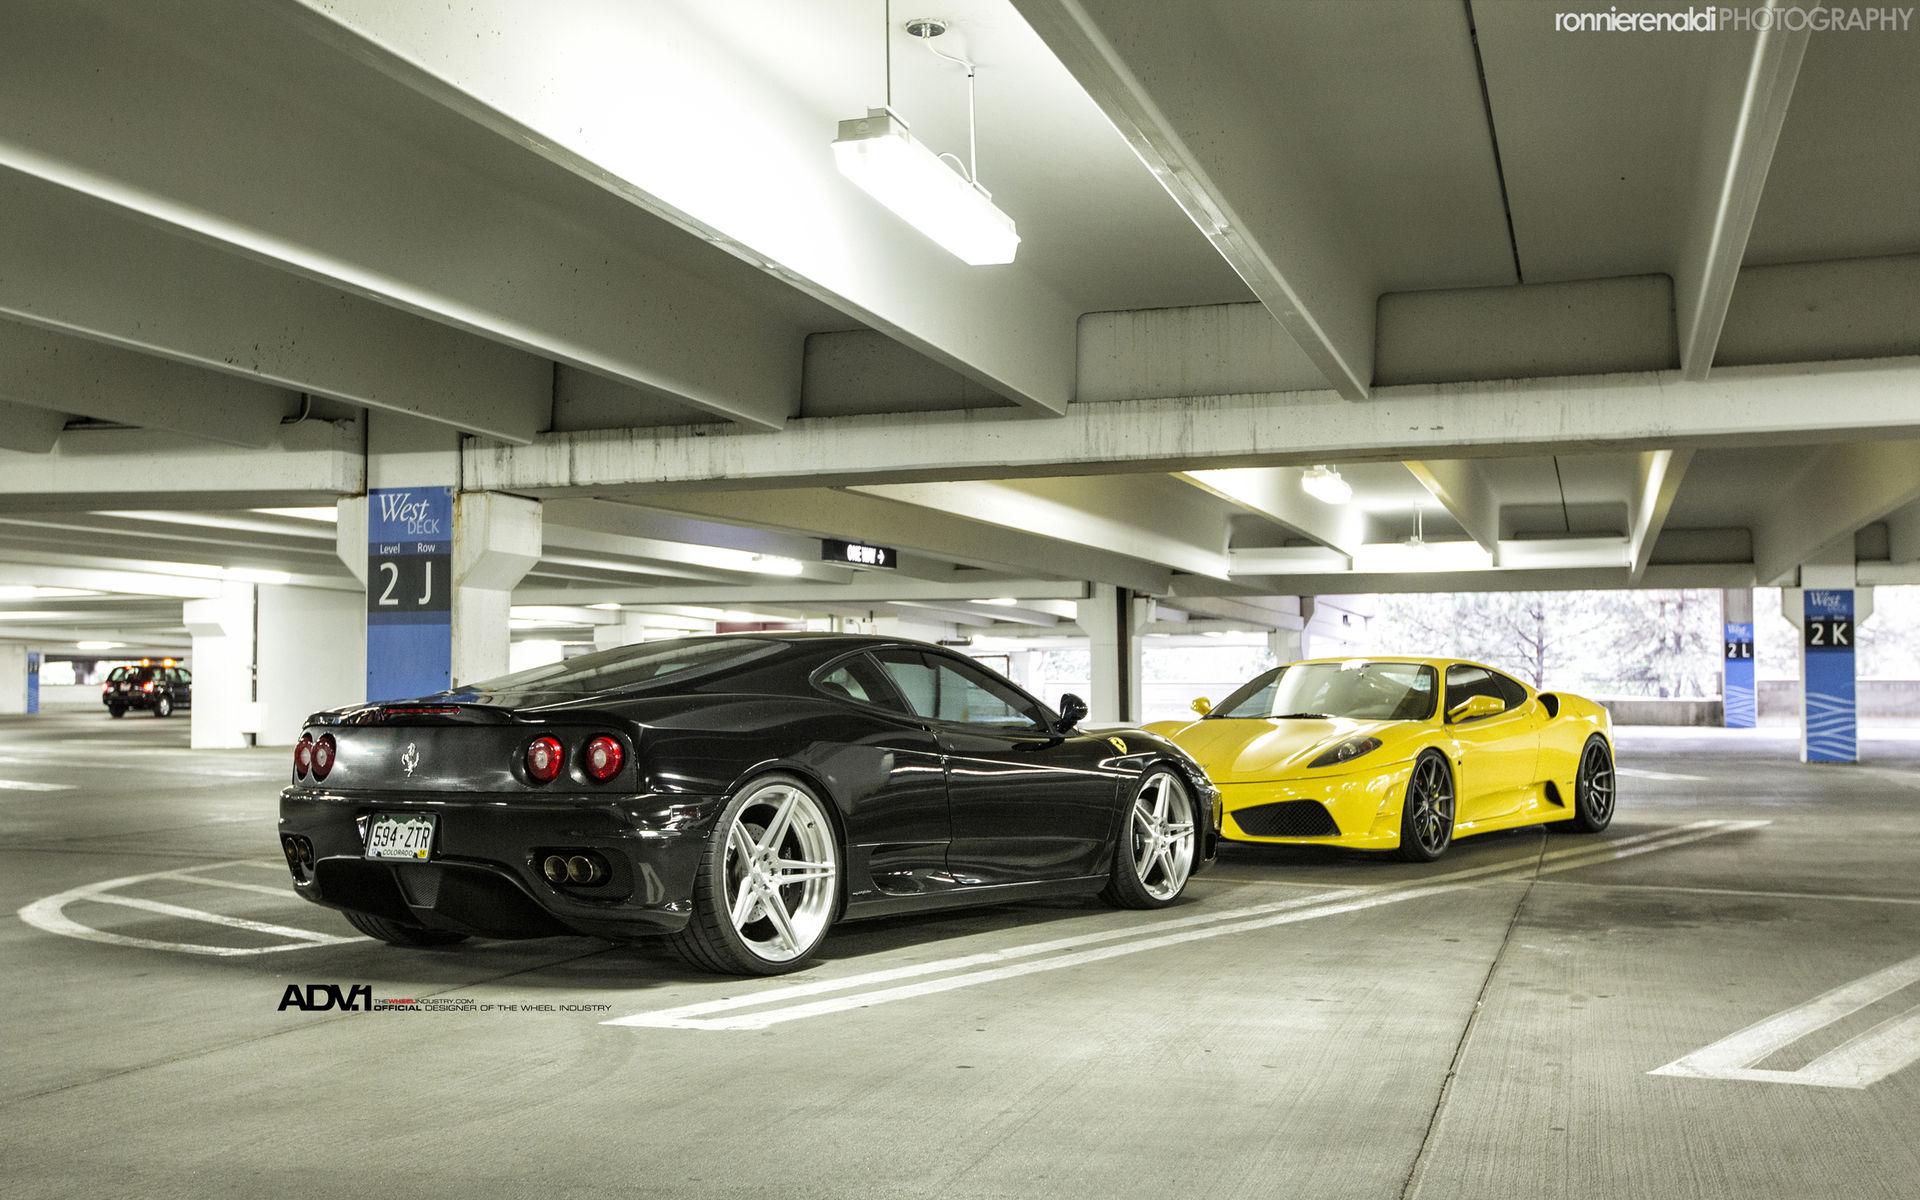 Ferrari 360 | Ferrari 360 Modena